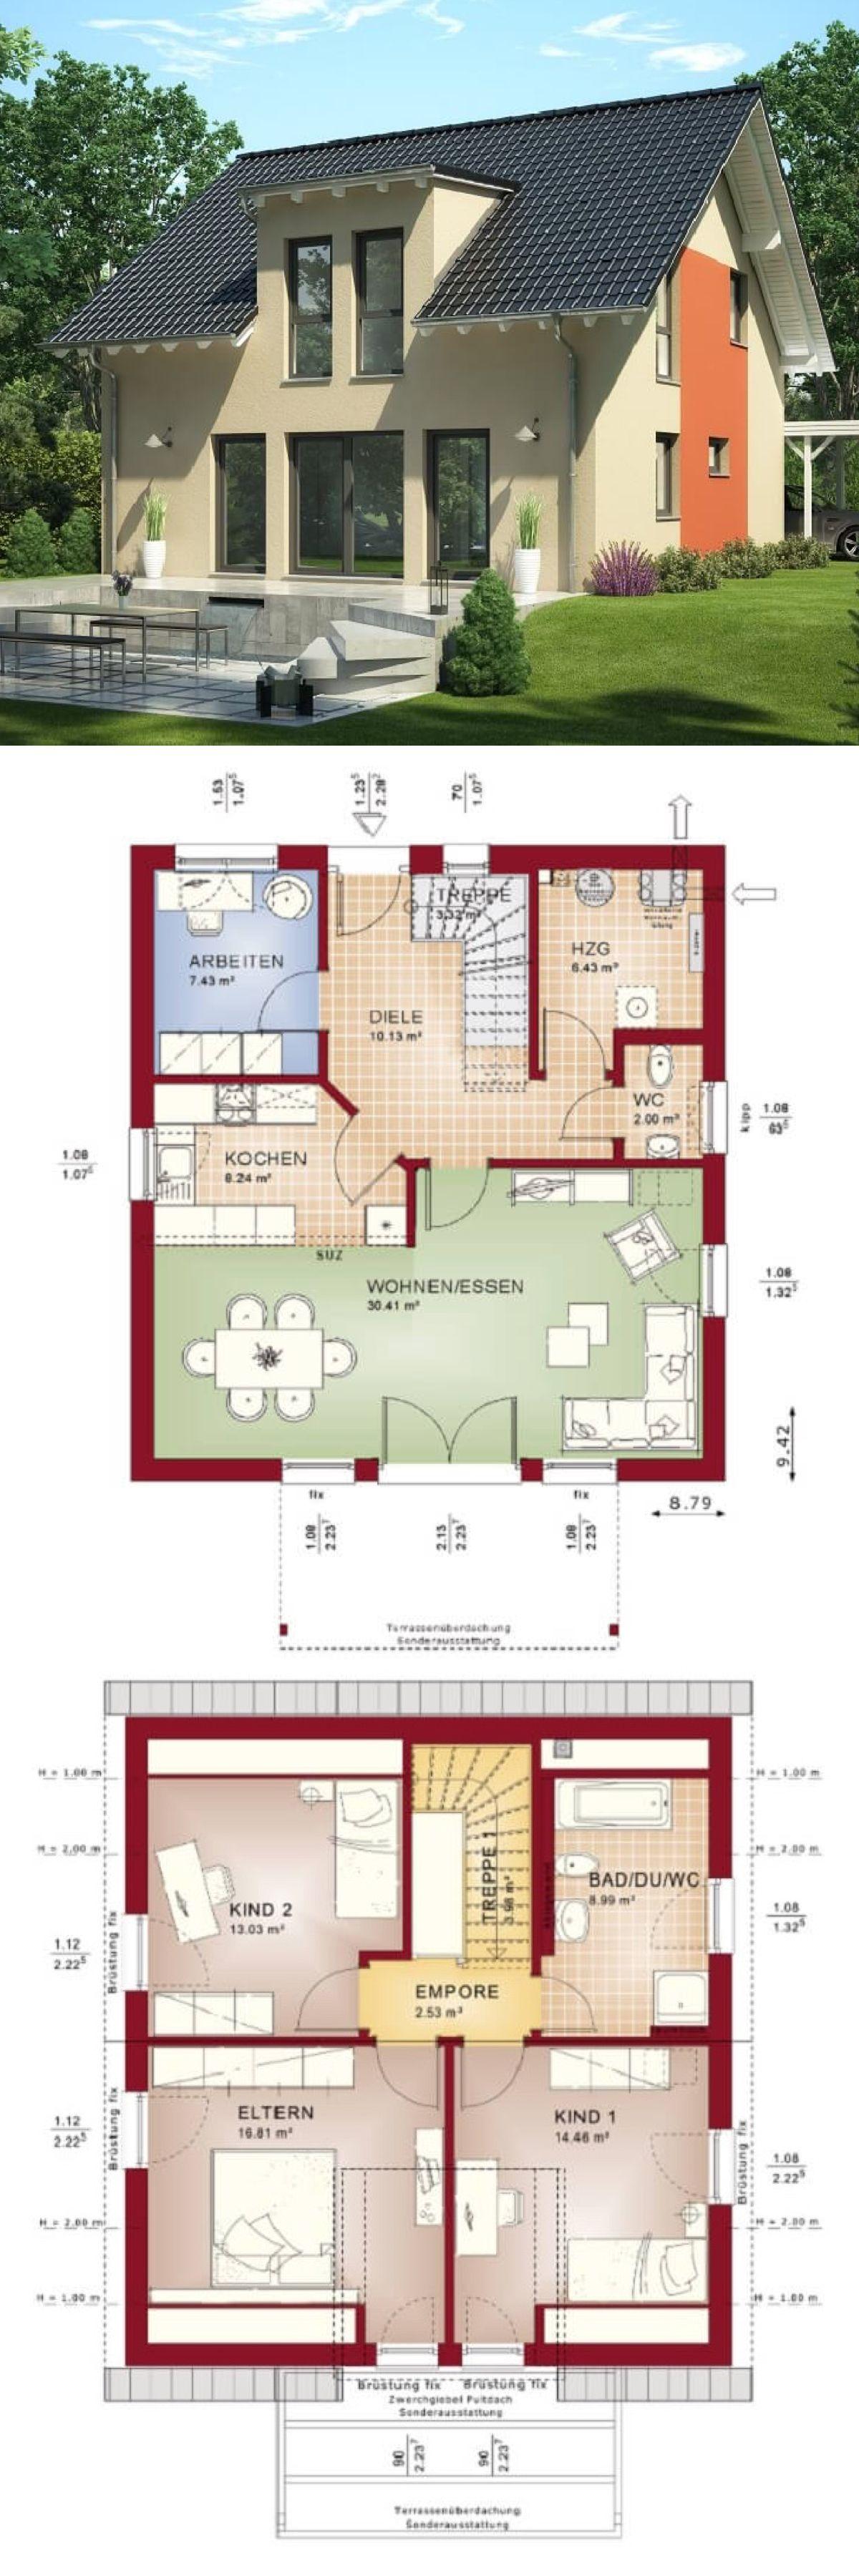 modernes haus mit satteldach architektur zwerchgiebel einfamilienhaus bauen grundriss. Black Bedroom Furniture Sets. Home Design Ideas